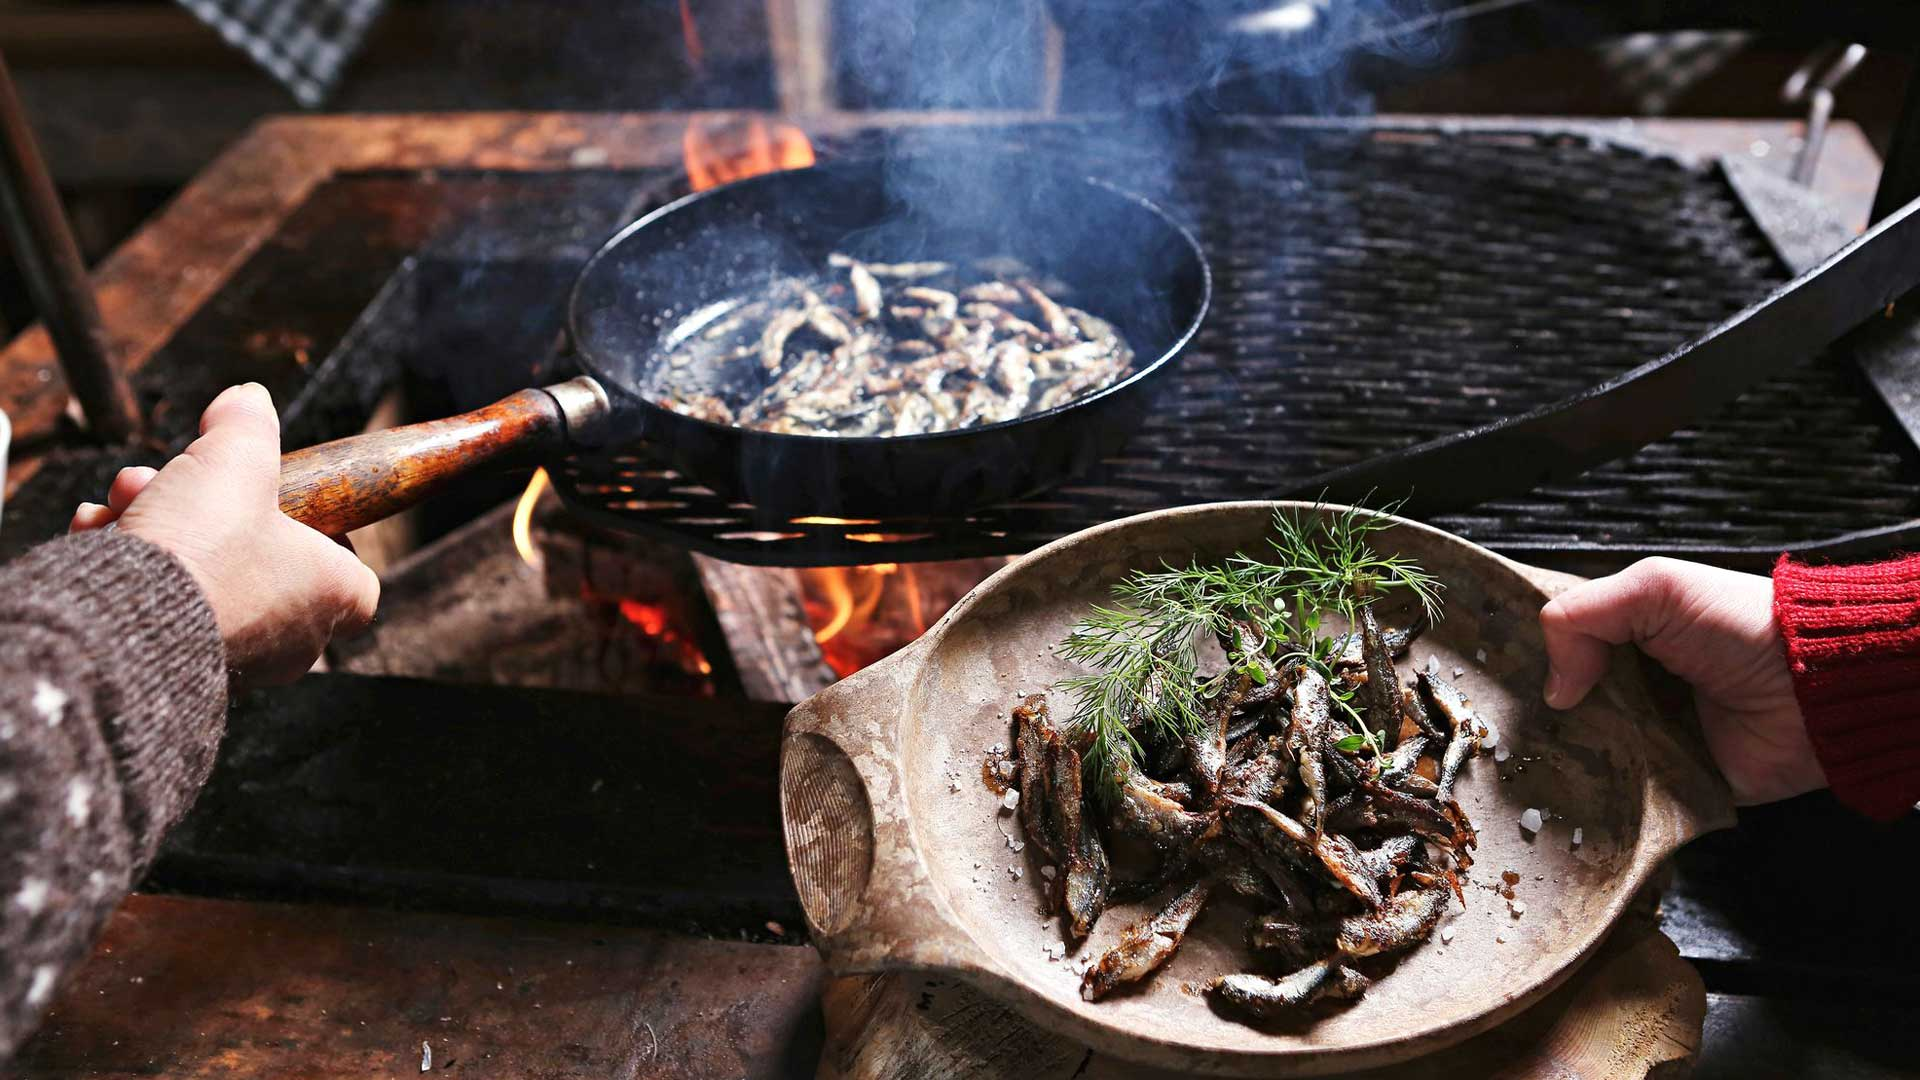 Wild food kitchen -Ravintola on mukana kehittämässä paikallista ruokaperinnettä ja luonnon raaka-aineiden käyttöä edistävää Wild Food Kuusamo Lapland -merkkiä.